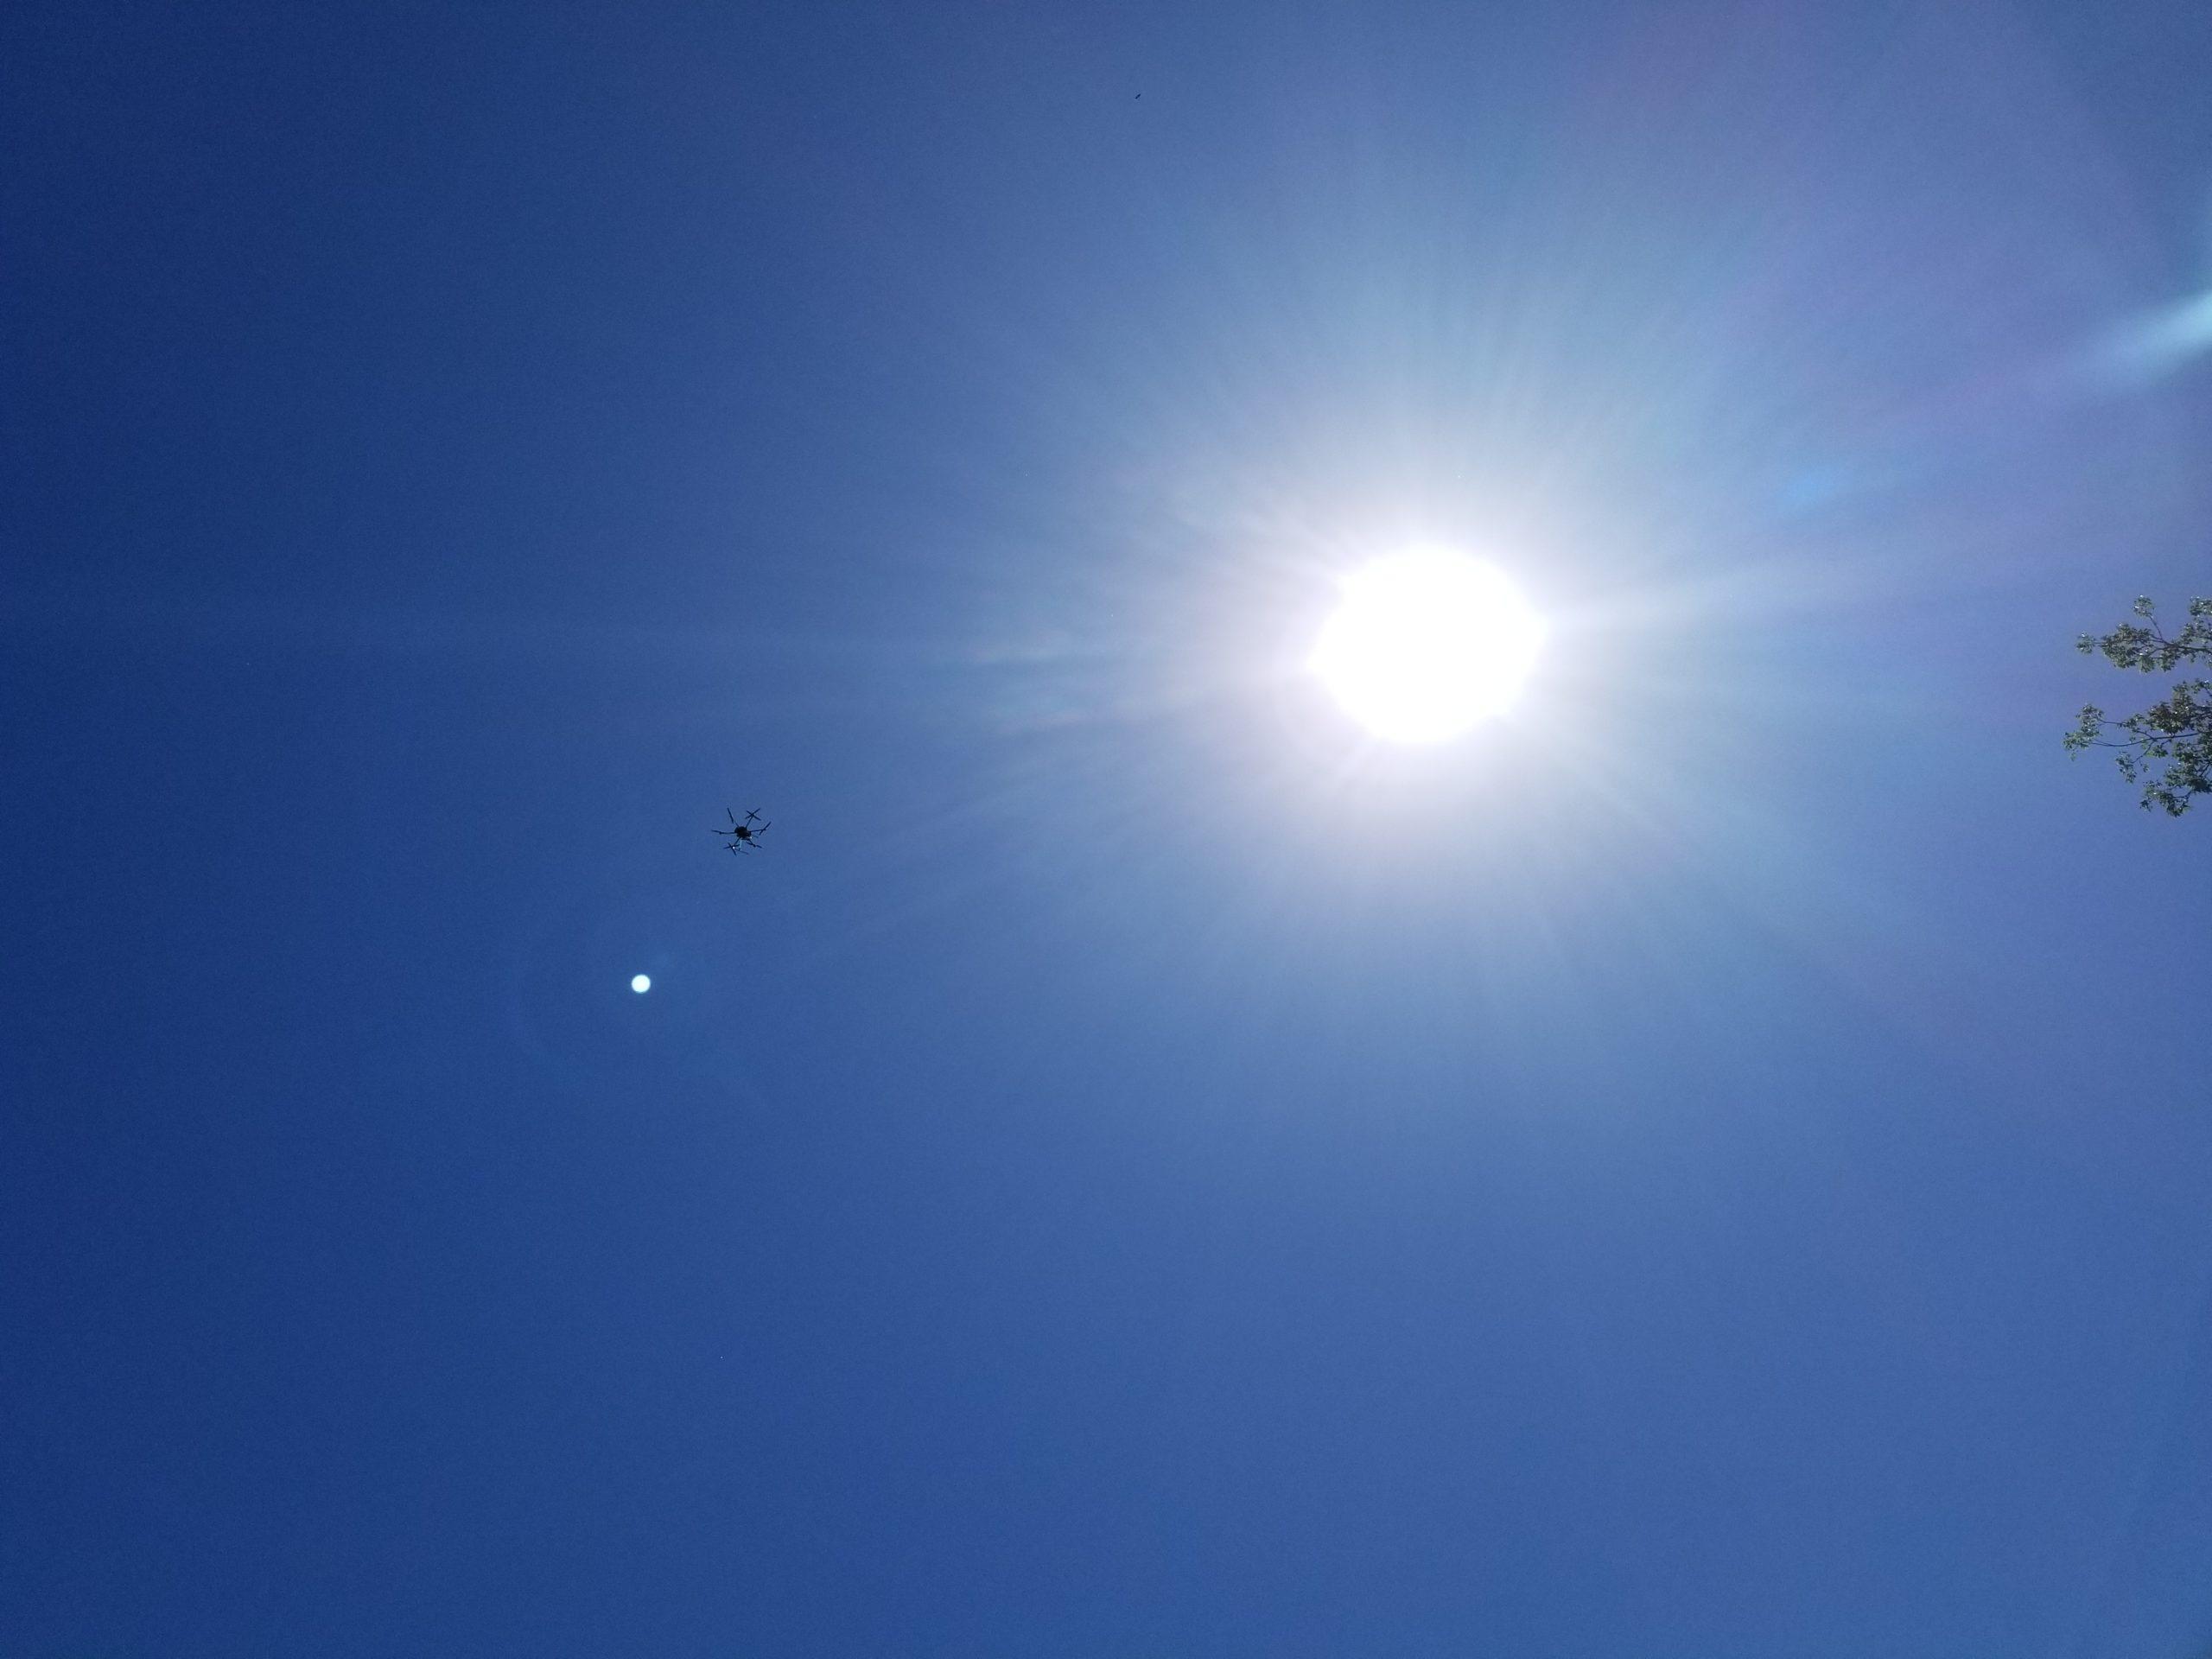 LiDAR Drone Flight